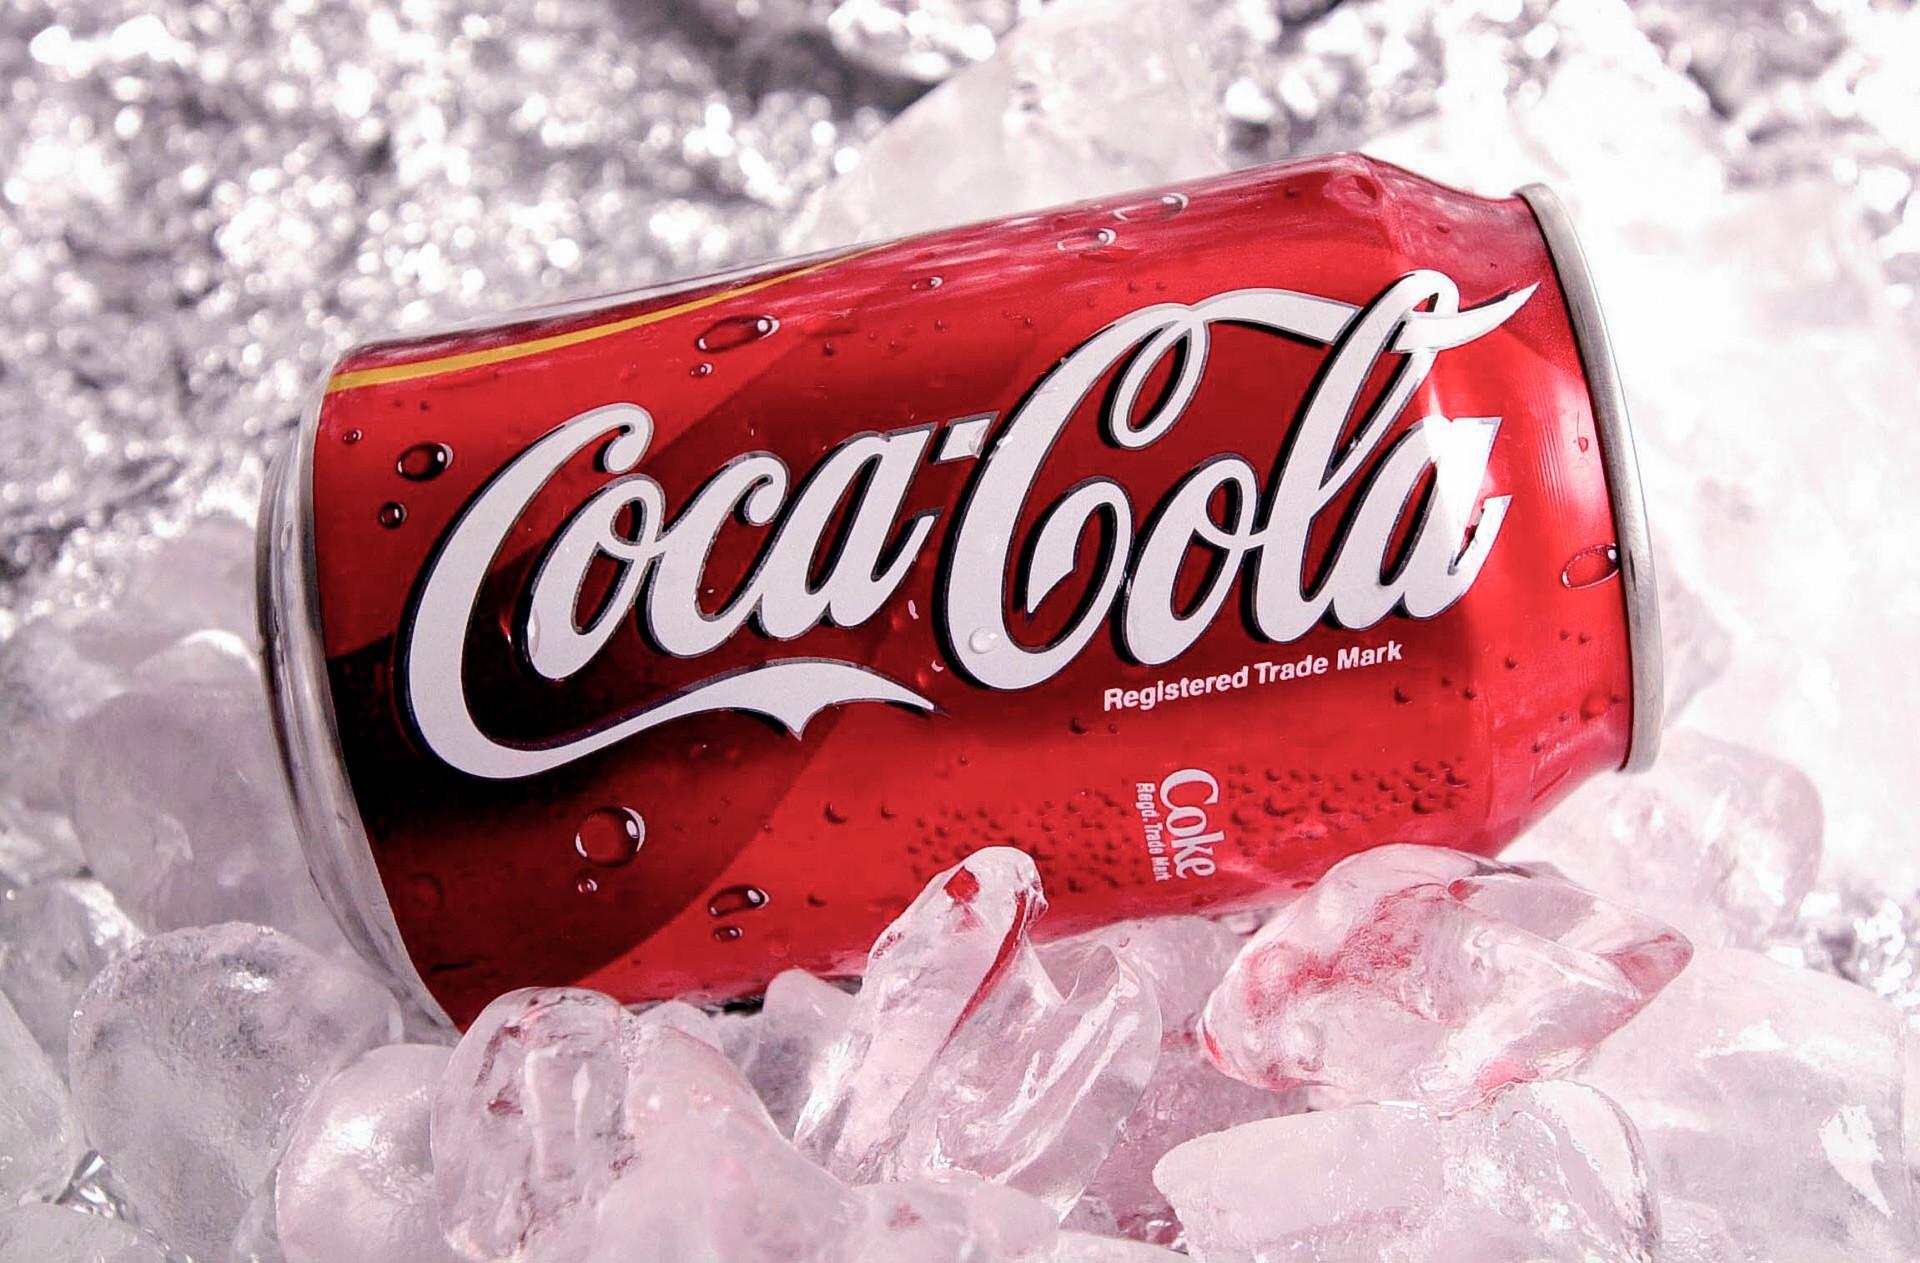 Rencontres Coca Cola caisses